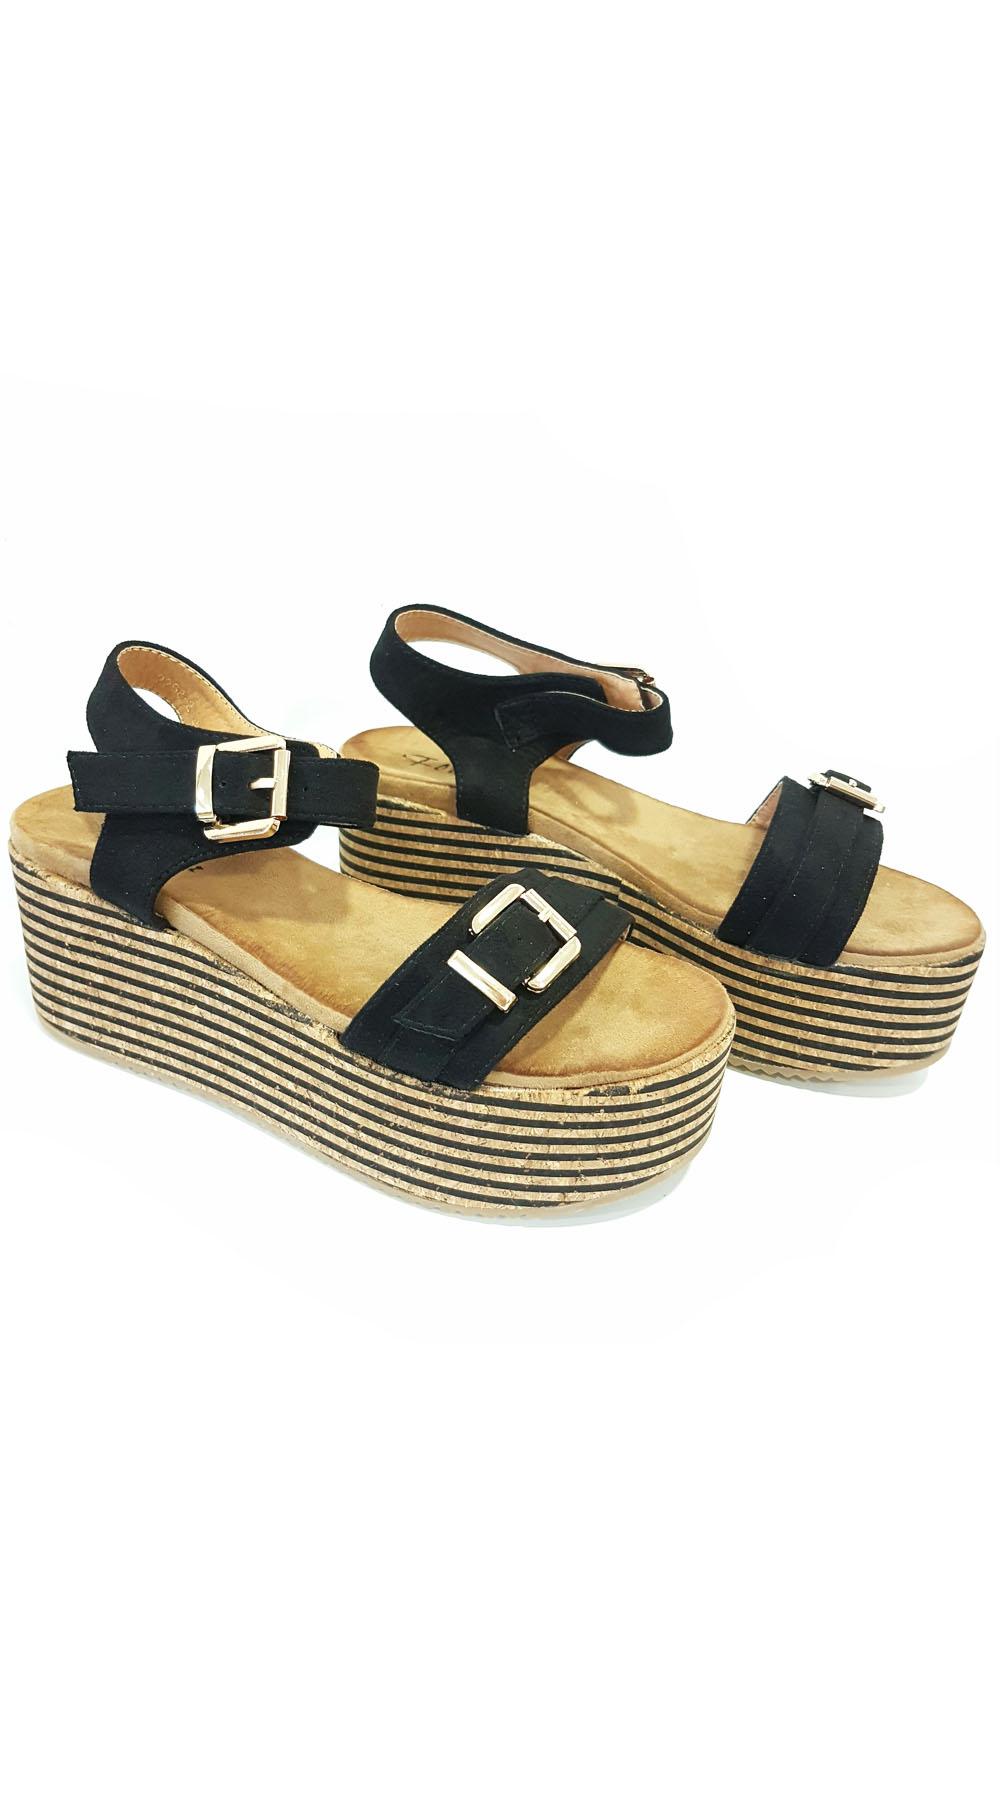 Σουέντ Πέδιλο Πλατφόρμα με λουράκι - OEM - S17-62268 top trends casual chic